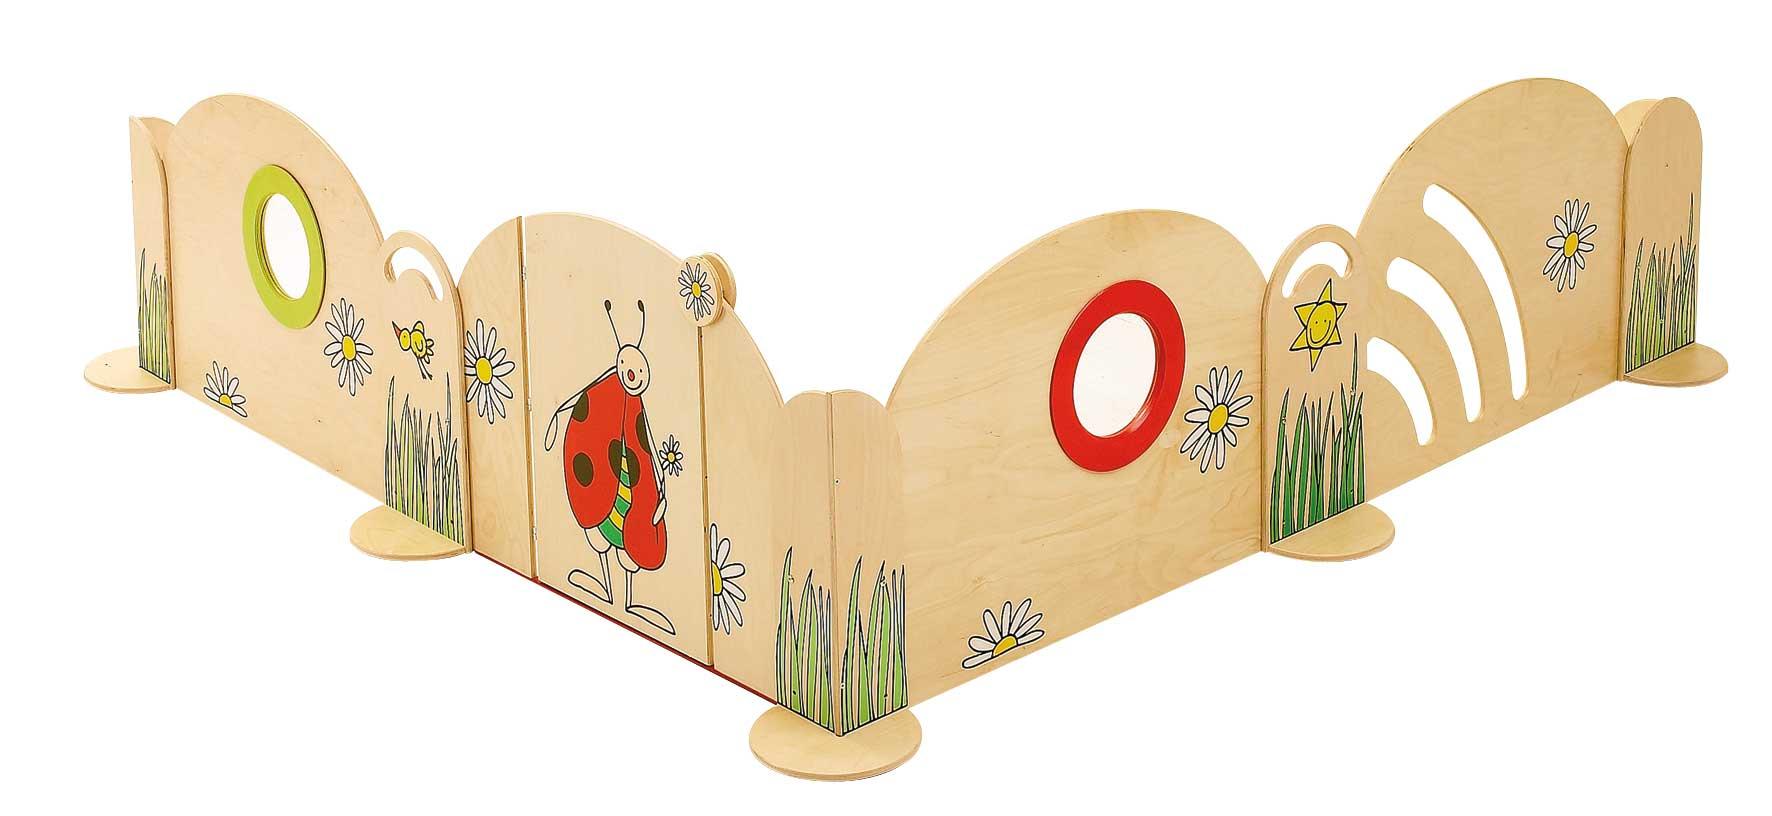 Spielecke Blumenwiese mit Tür für Gruppenraum im Kindergarten oder Kindertagesstätte